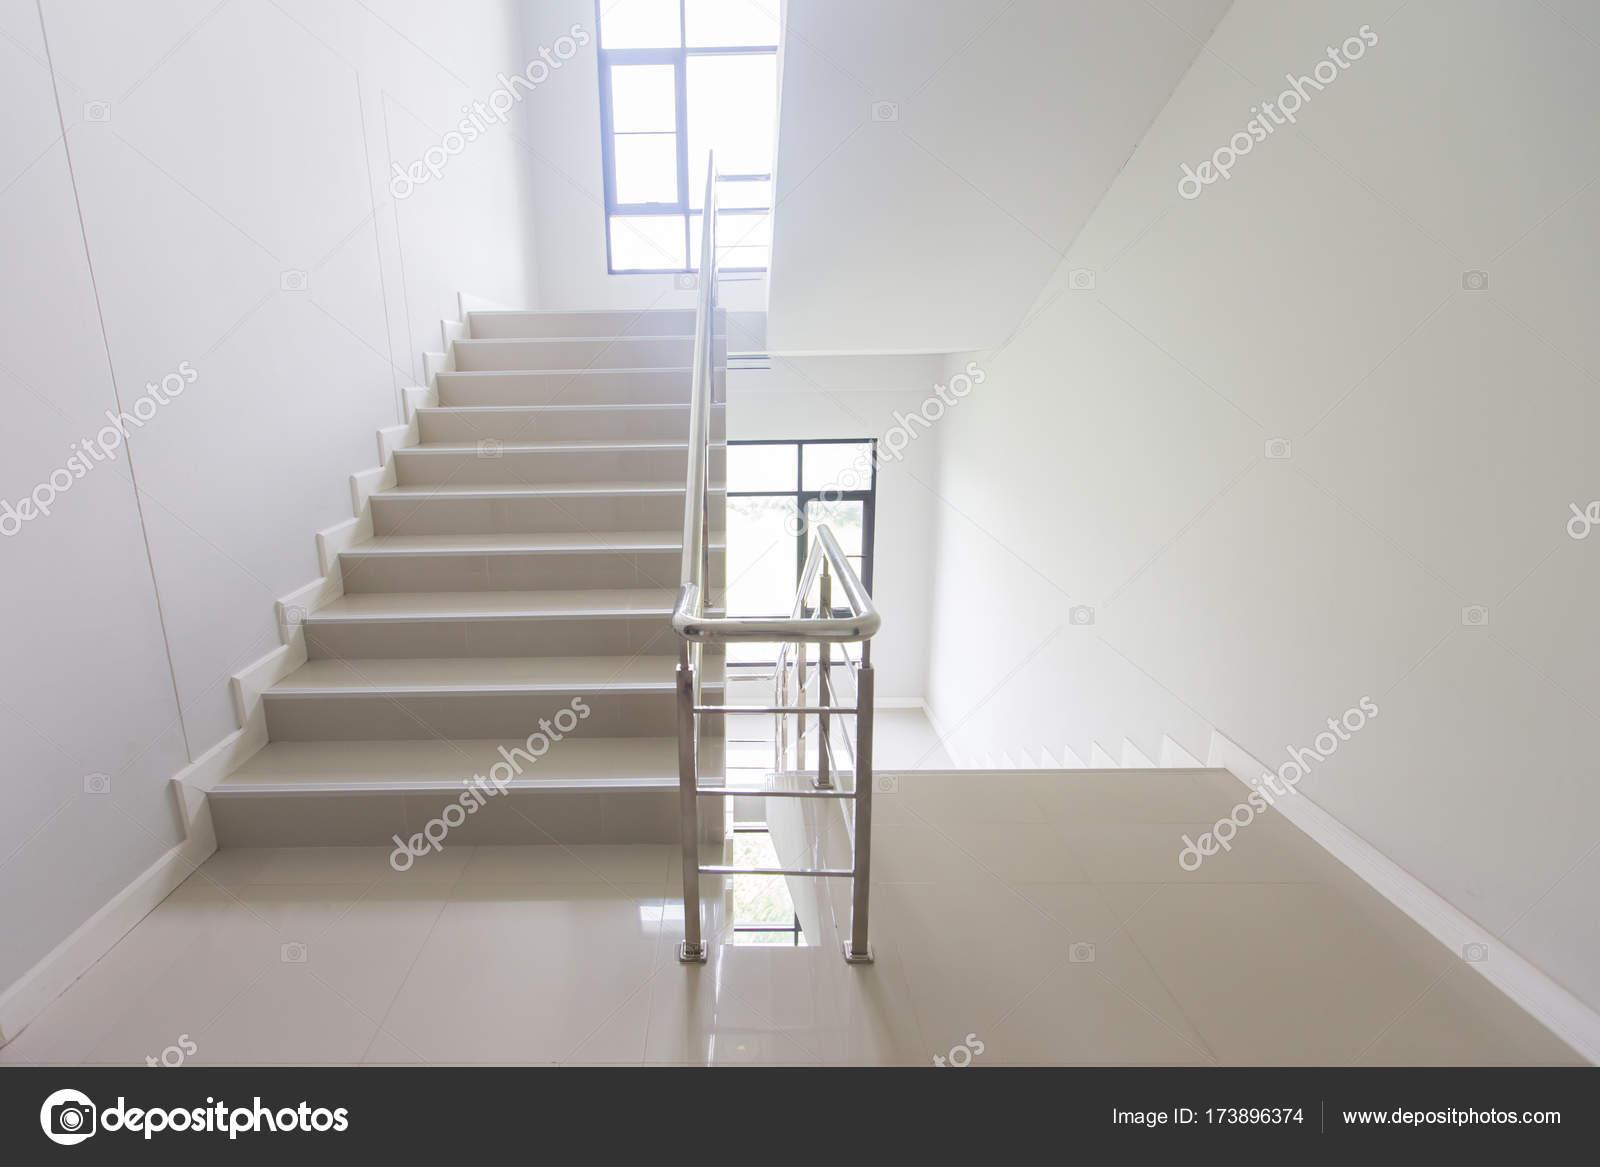 Escalera salida de emergencia en hotel primer plano for Escaleras interiores precios